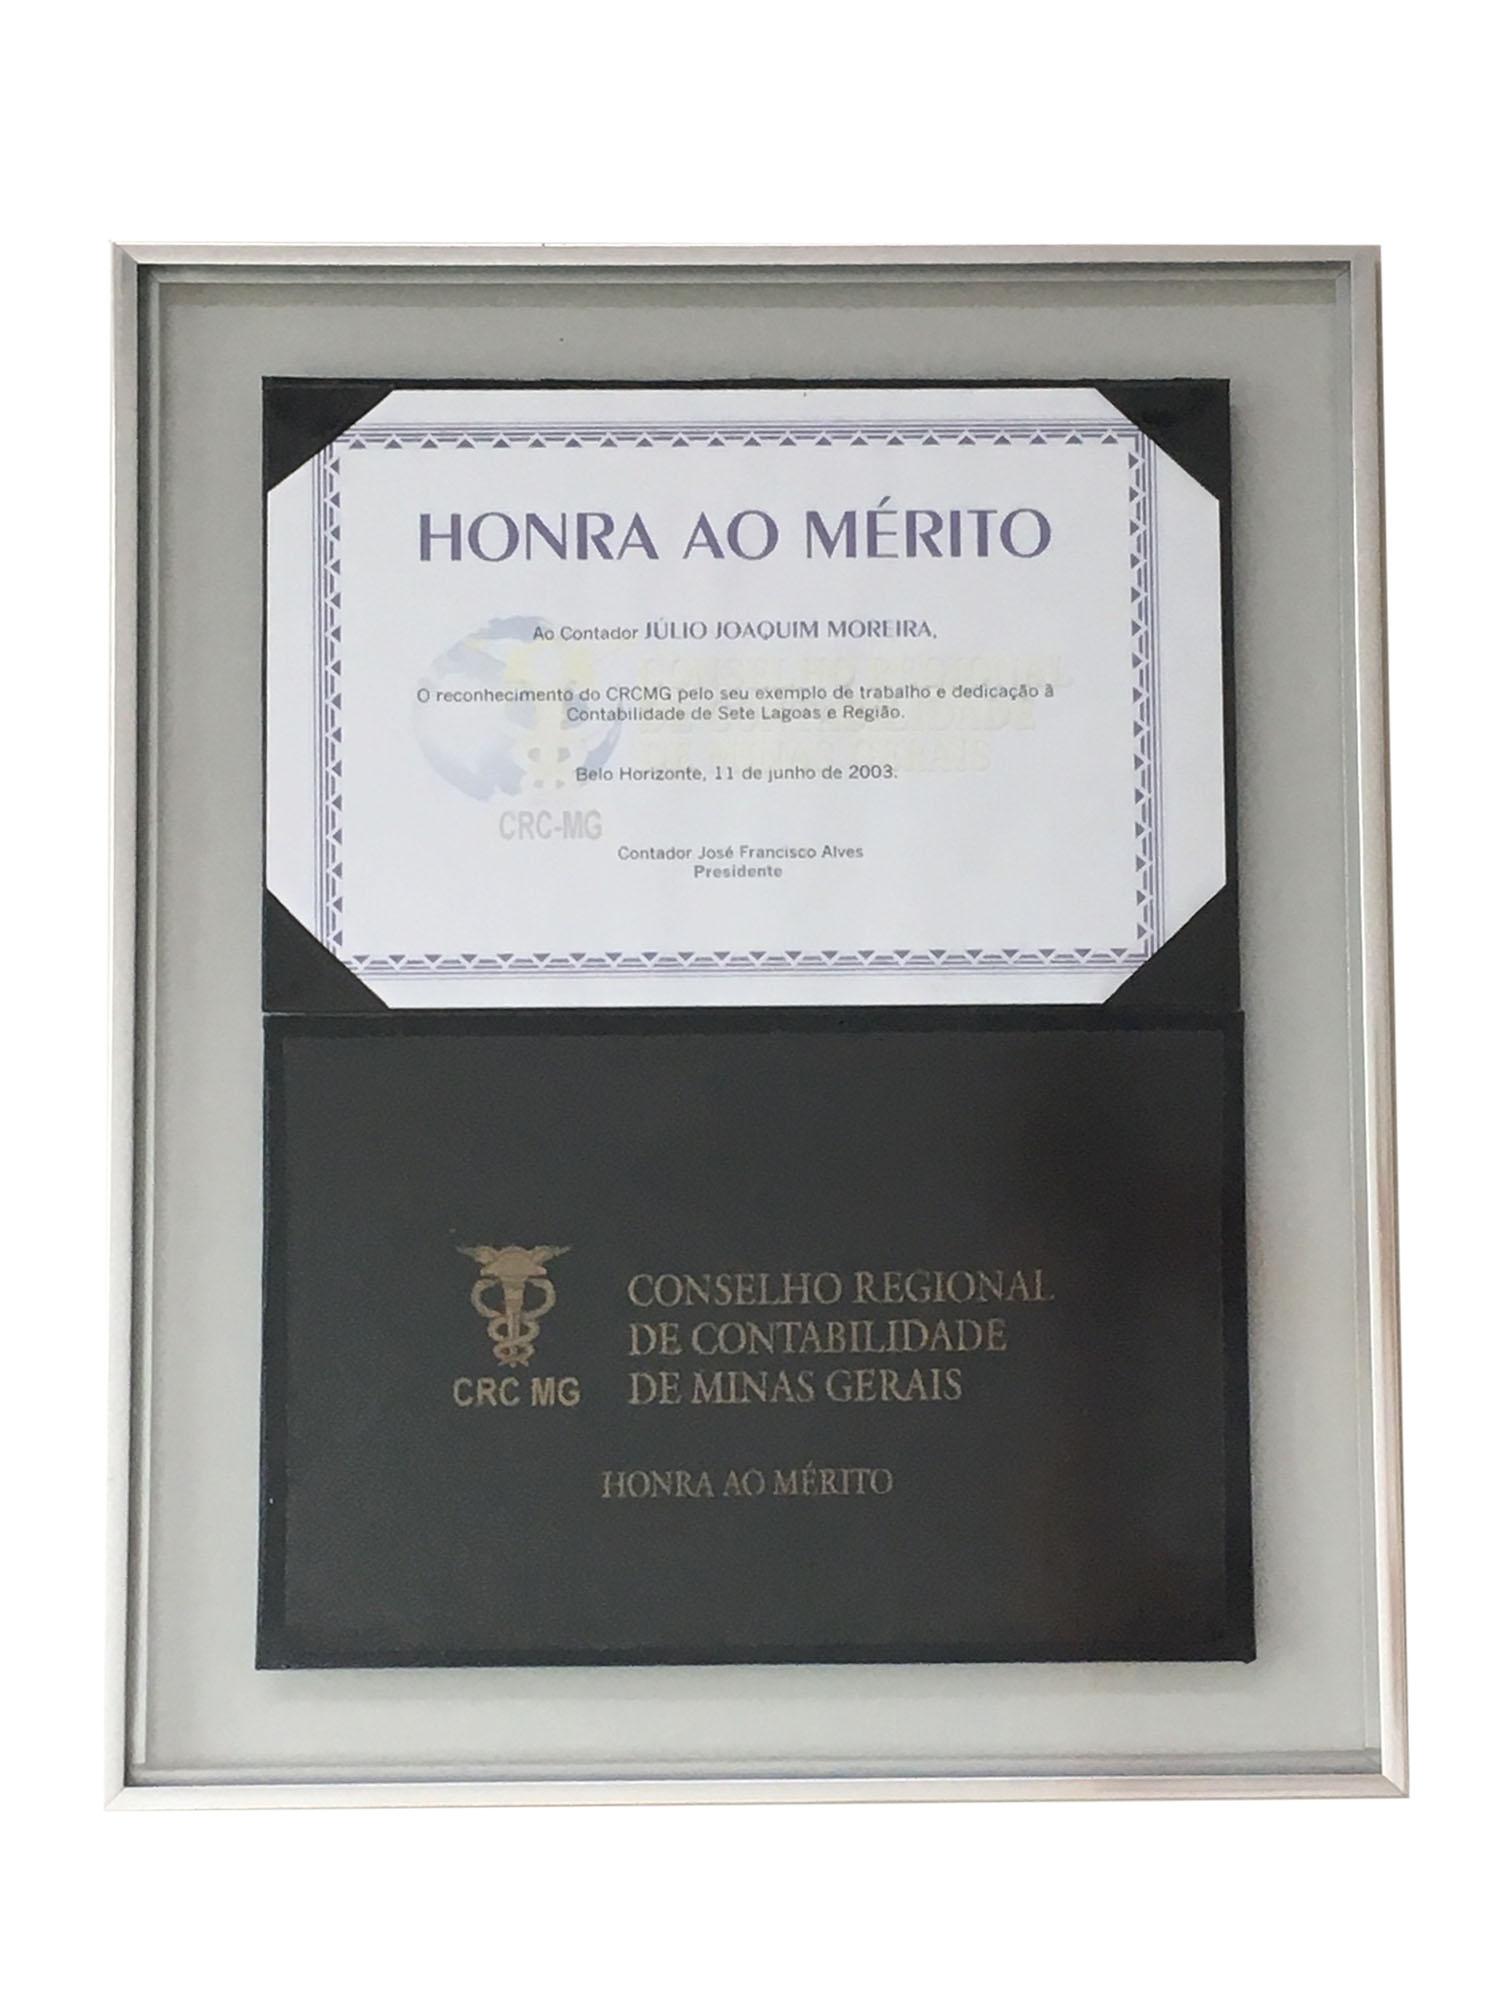 O Escritório Júlio Moreira foi escolhido, pelo CRC MG (Conselho Regional de Contabilidade de Minas Gerias), como o melhor escritório de contabilidade de Minas Gerais, em 2003